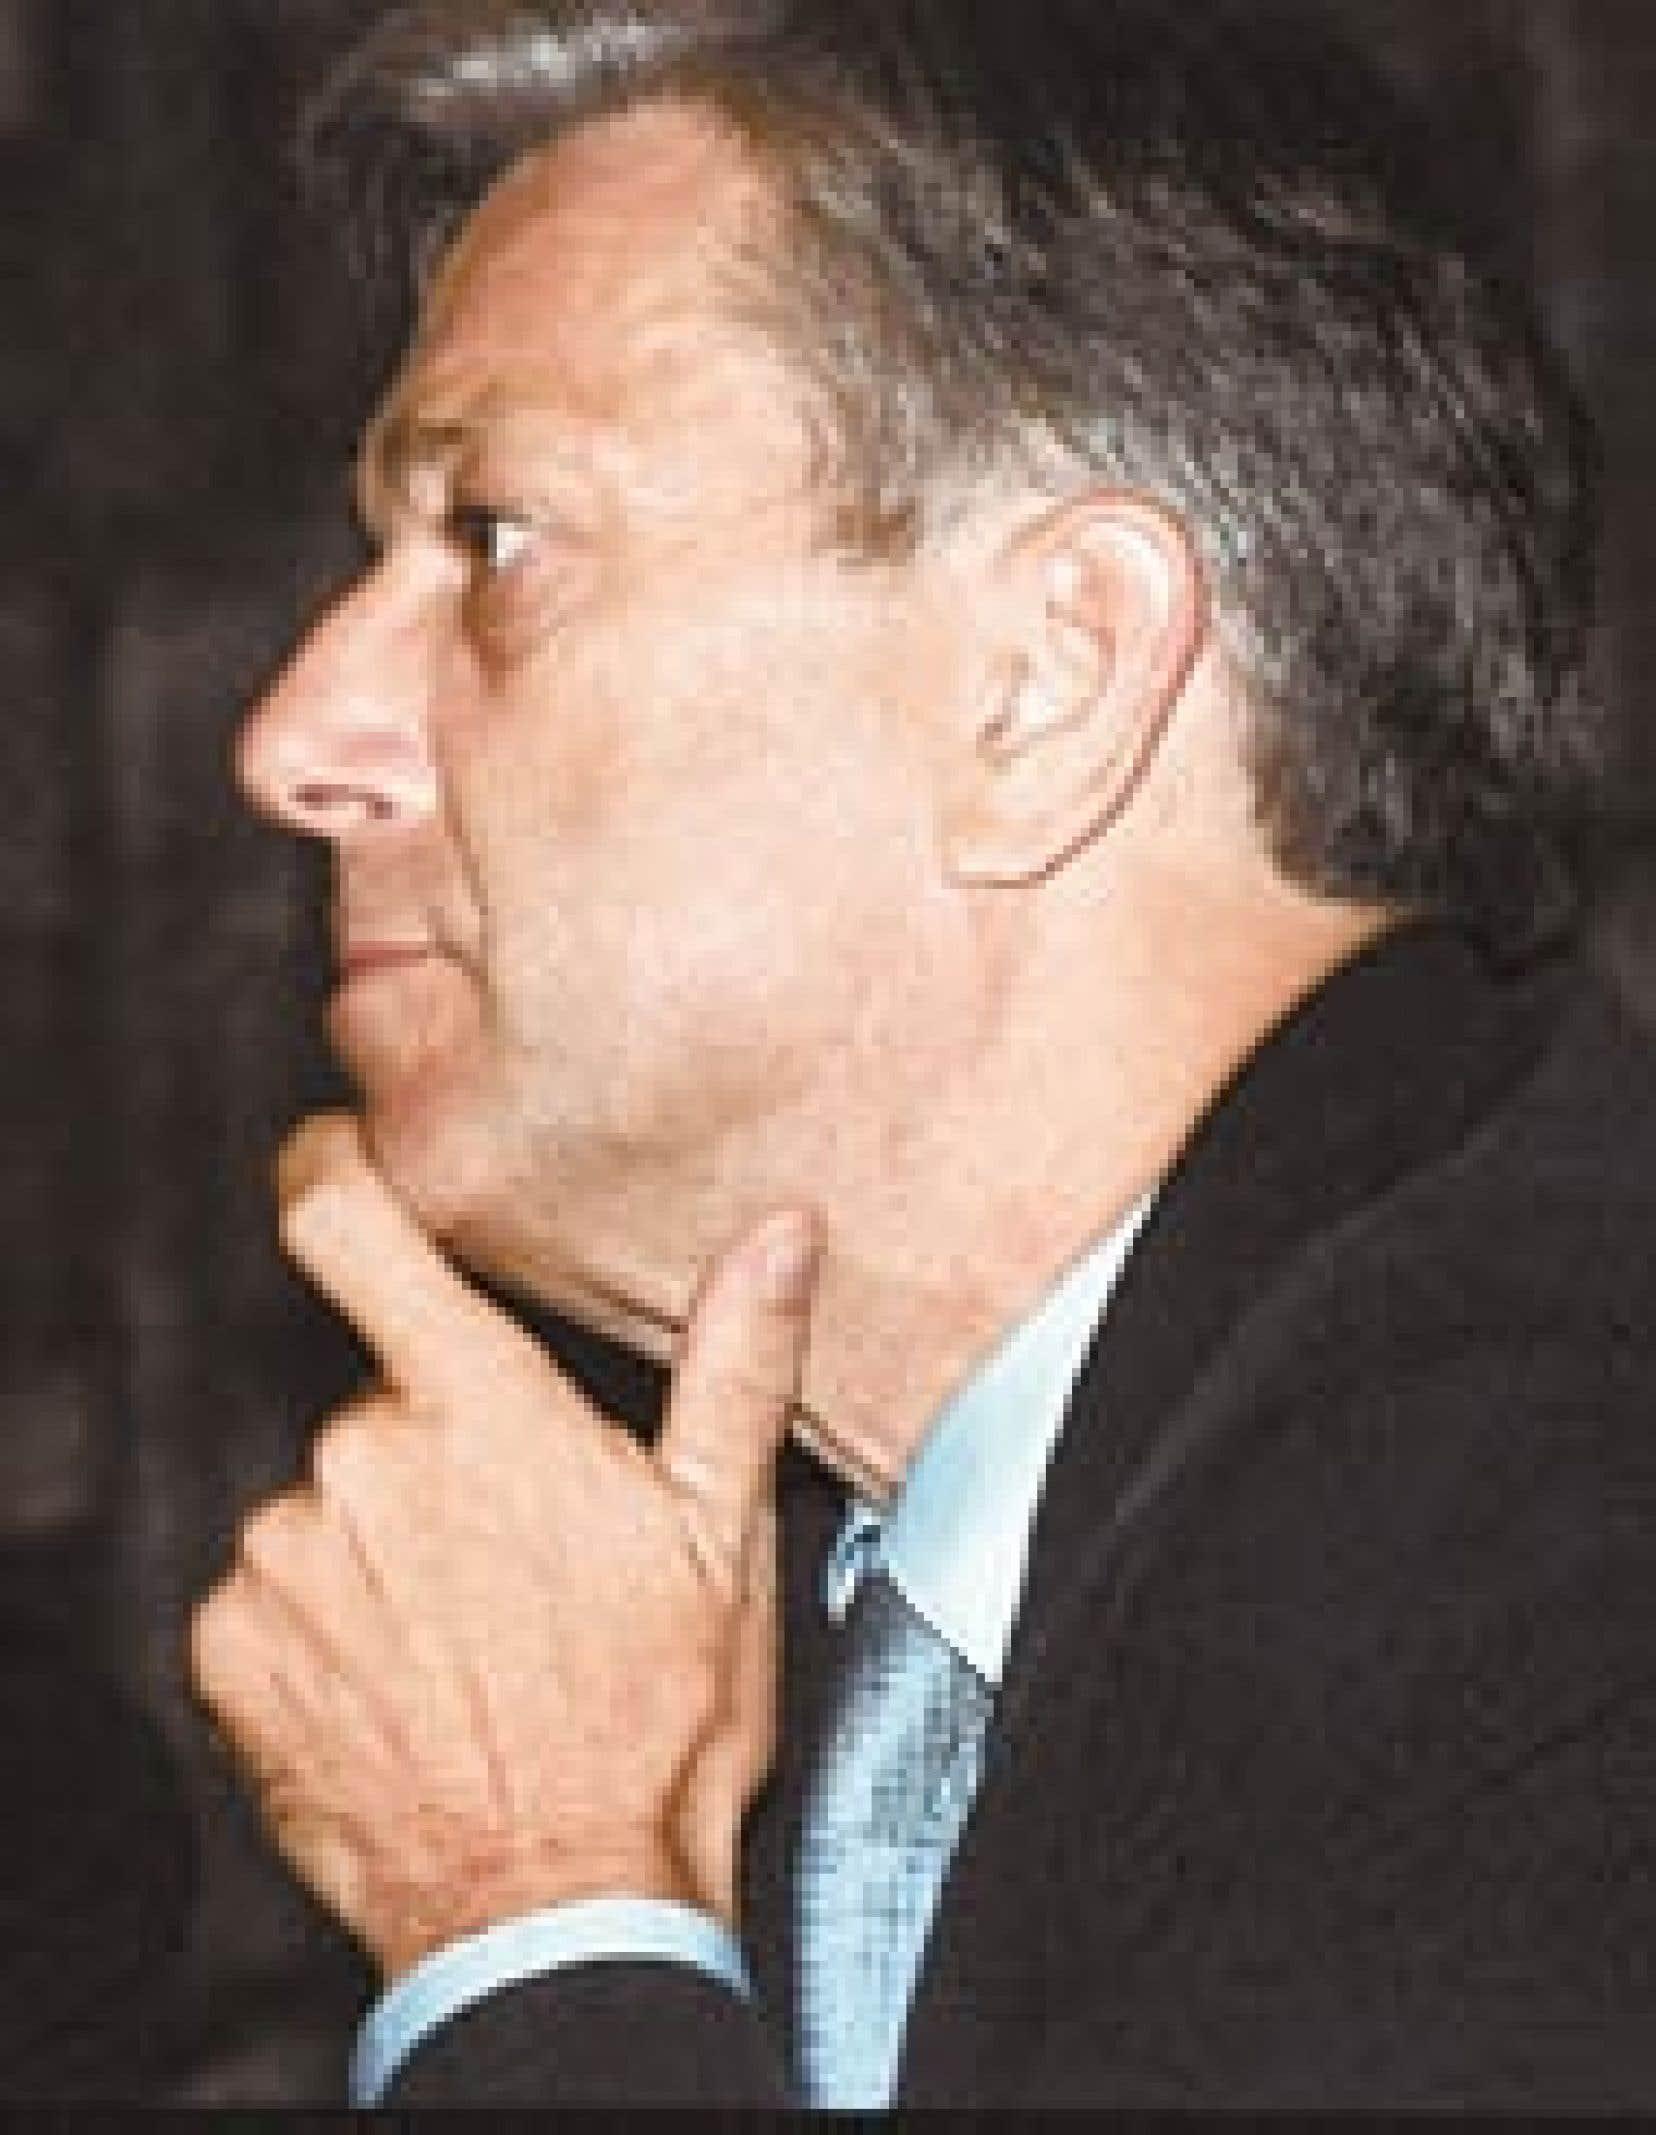 Quand il a annoncé son départ, Jean-Claude Scraire a suggéré notamment de scinder en deux le poste qu'il occupait.